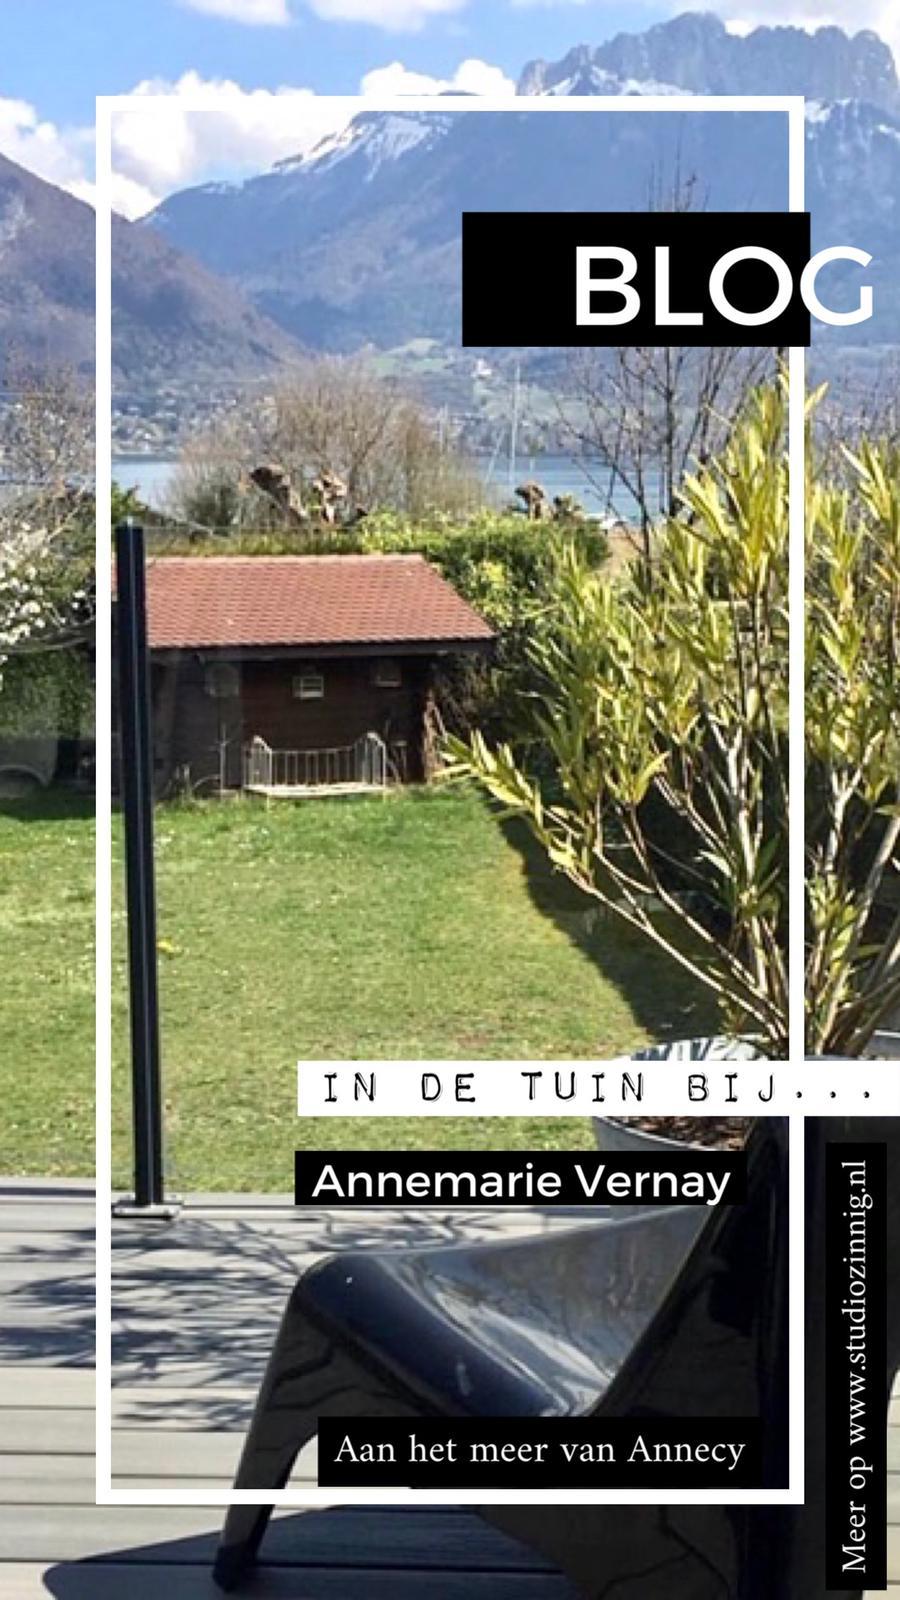 'In de tuin bij' Annemarie in Annecy